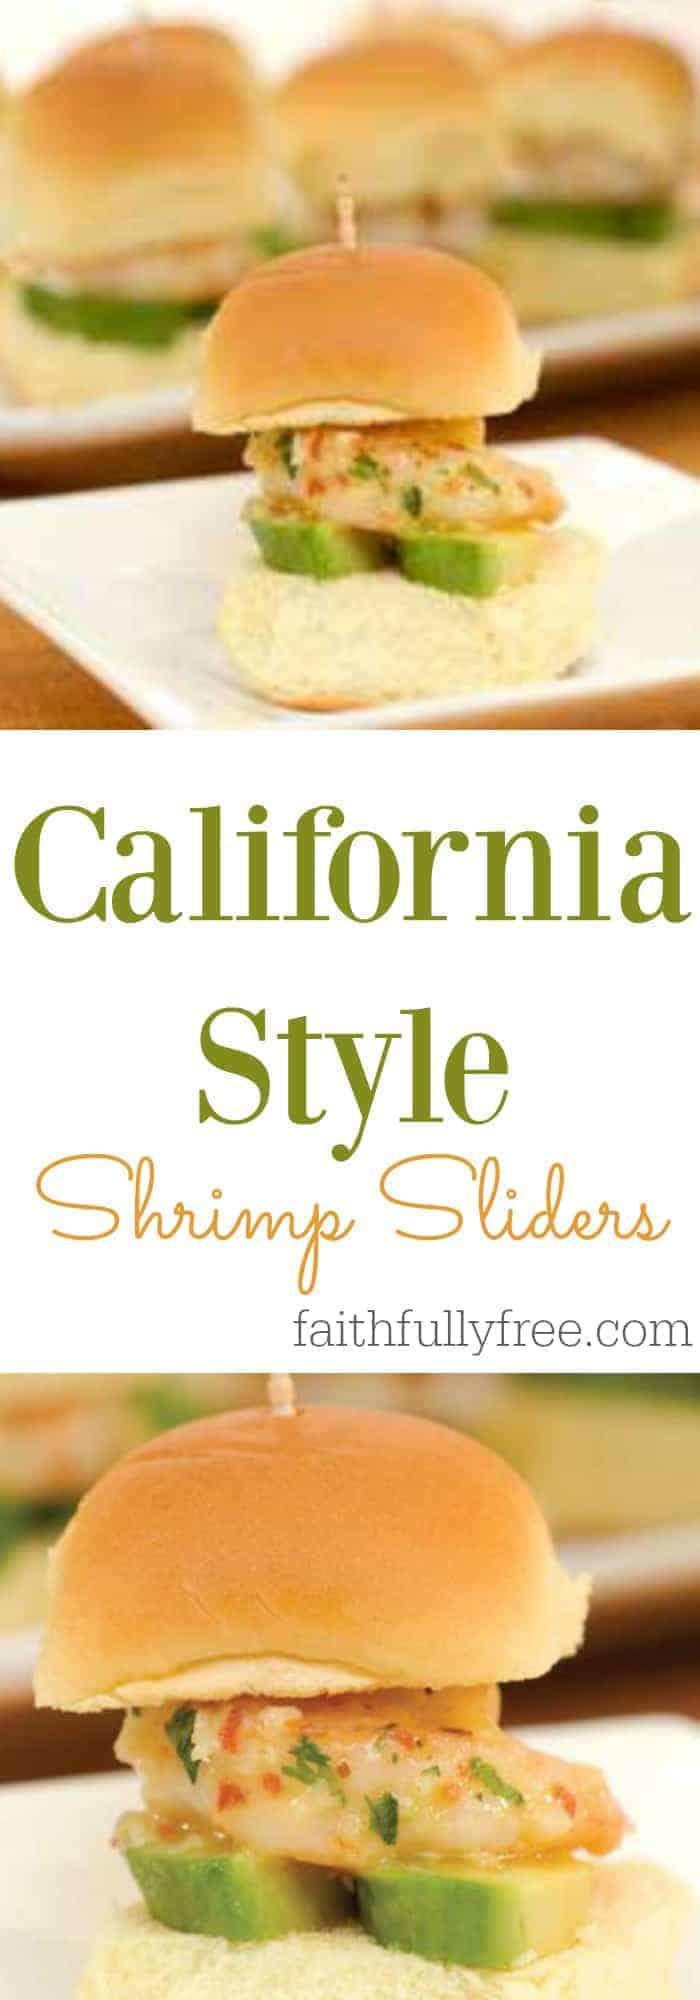 Must Try California Style Shrimp Sliders